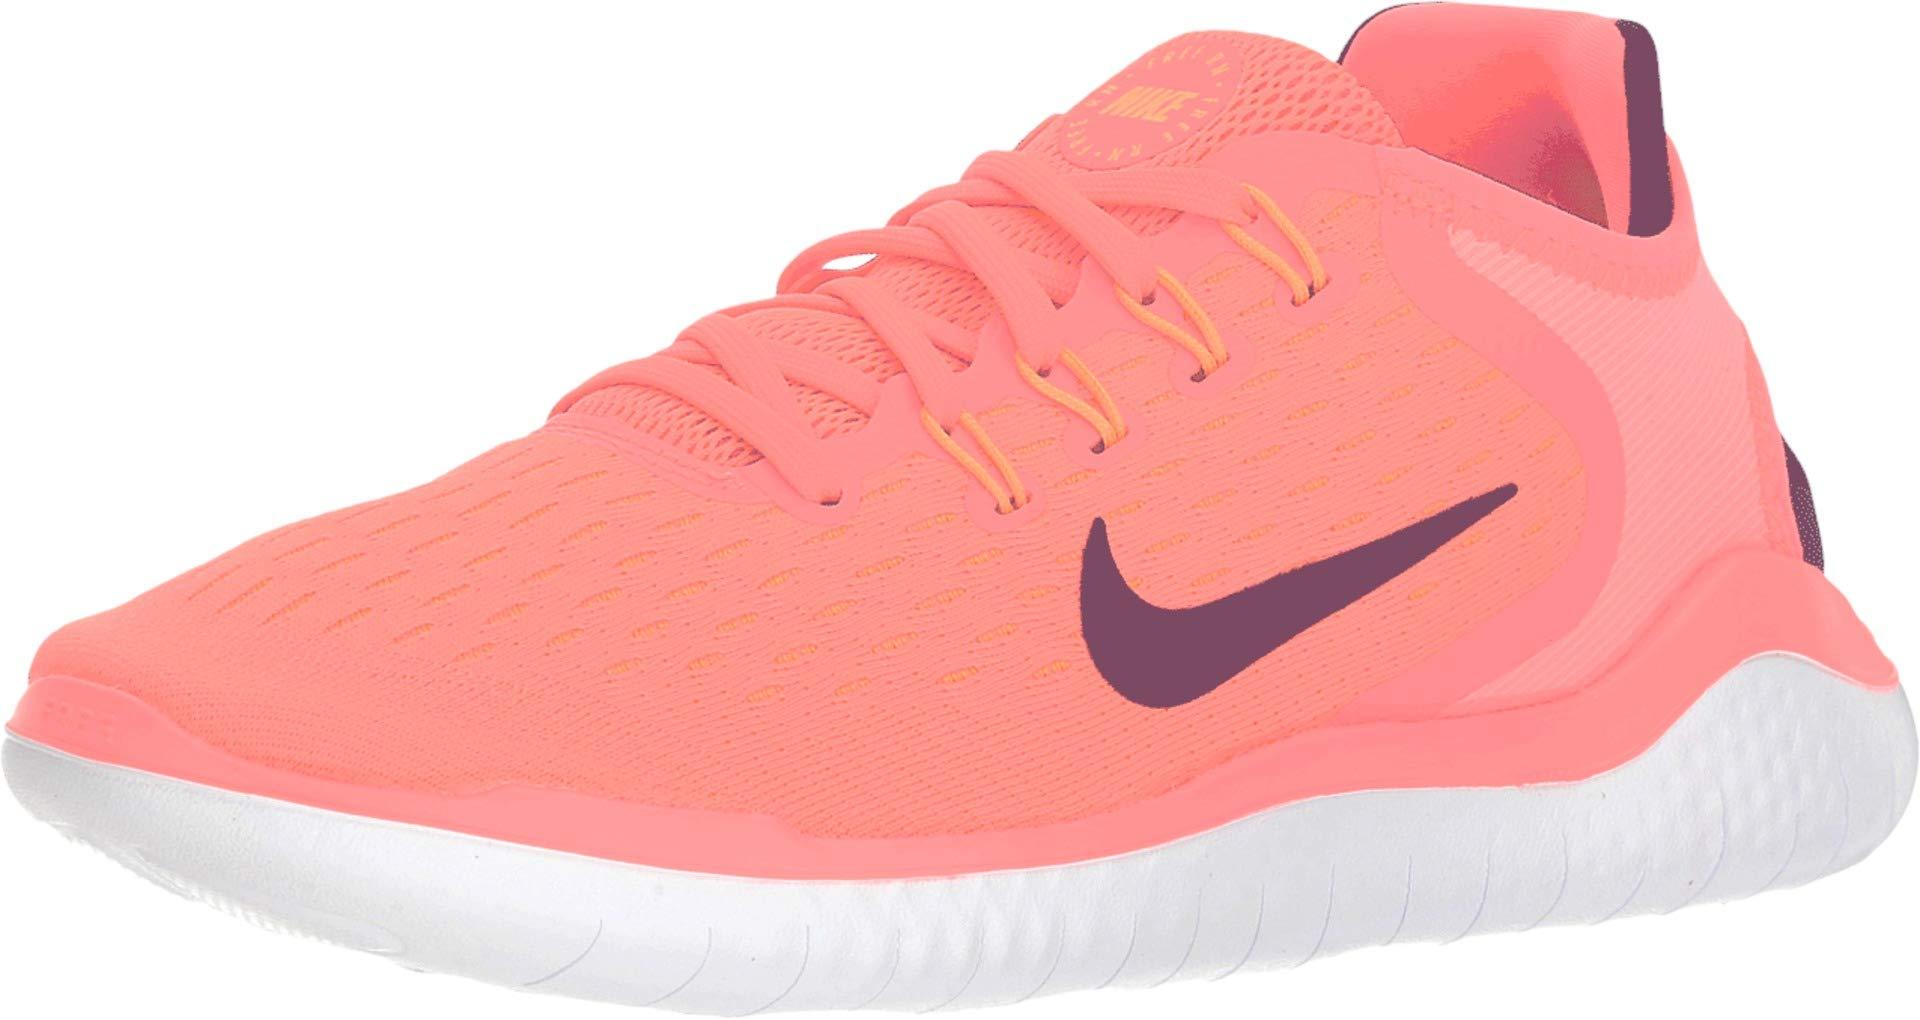 f320cd69a88af Nike Women's Free RN 2018 Running Shoe (7.5 M US, Flash Crimson/Black  Orange Peel White)